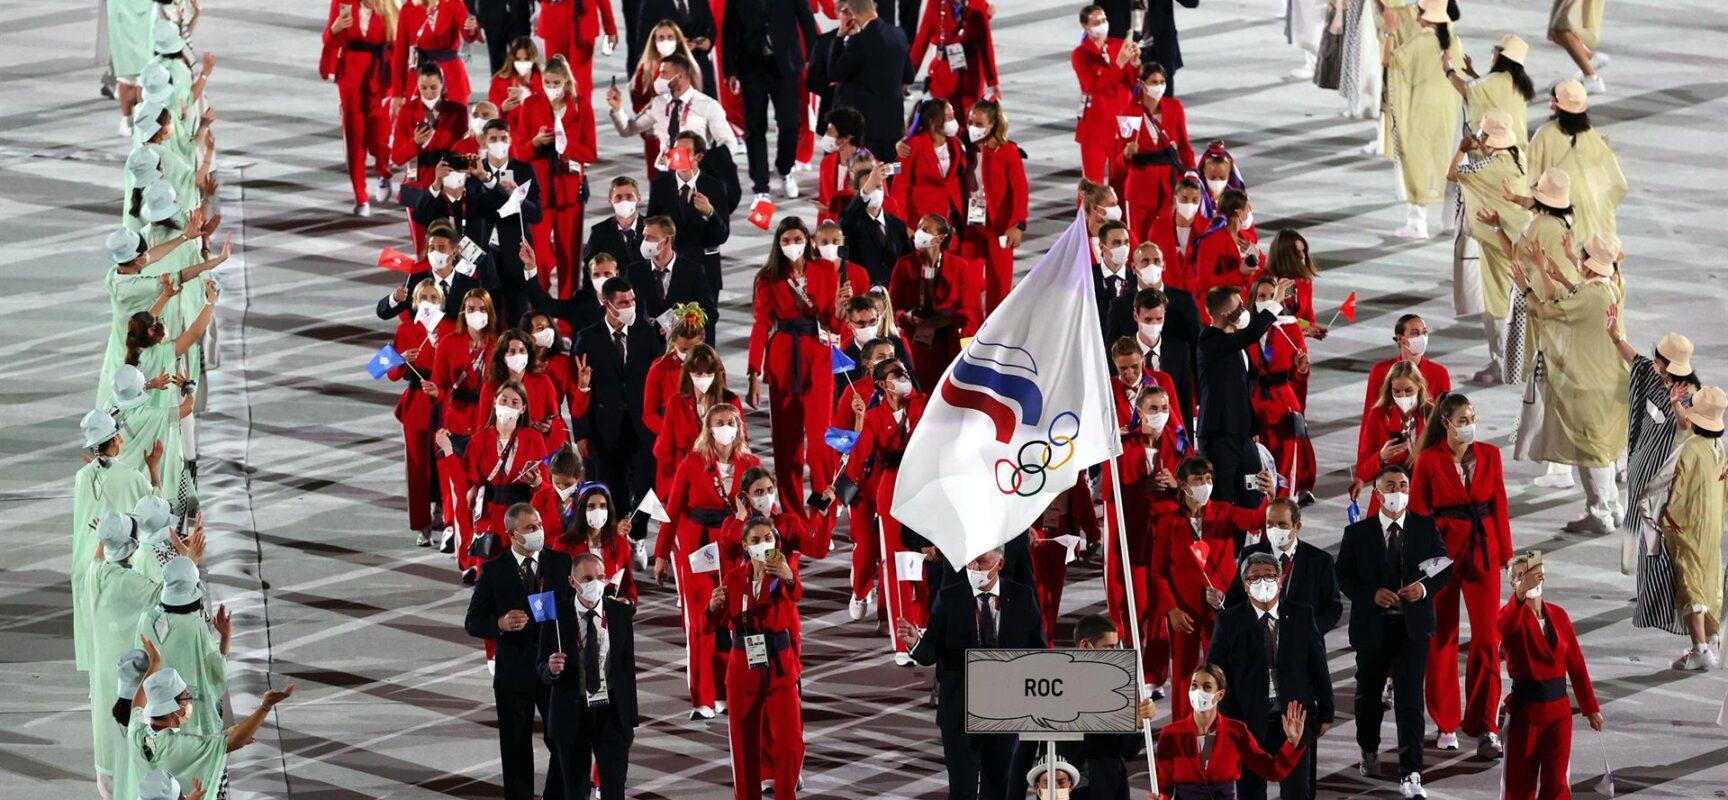 Tóquio: conheça a história do Brasil nas Olimpíadas e as expectativas para esta edição